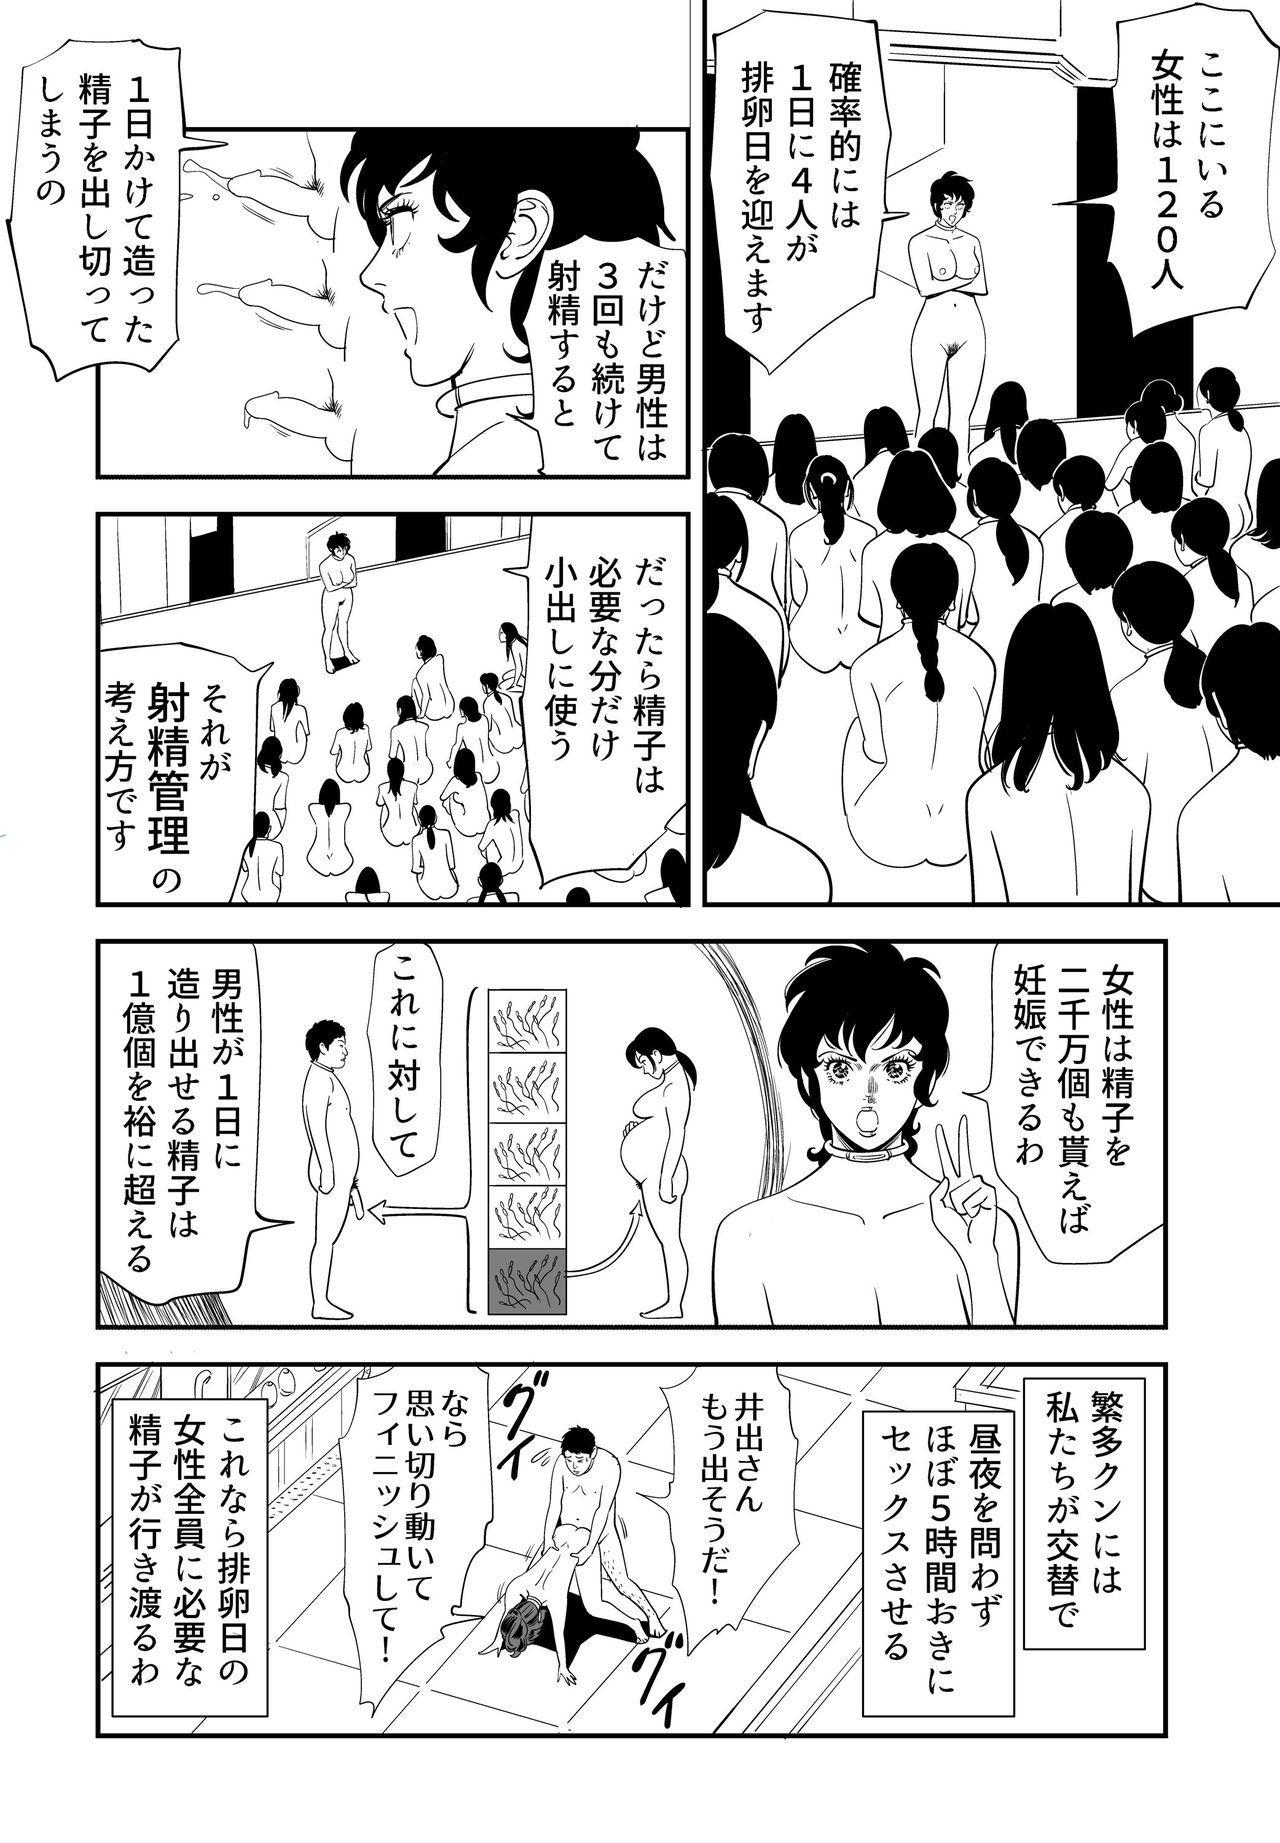 GAME/DEATH 38